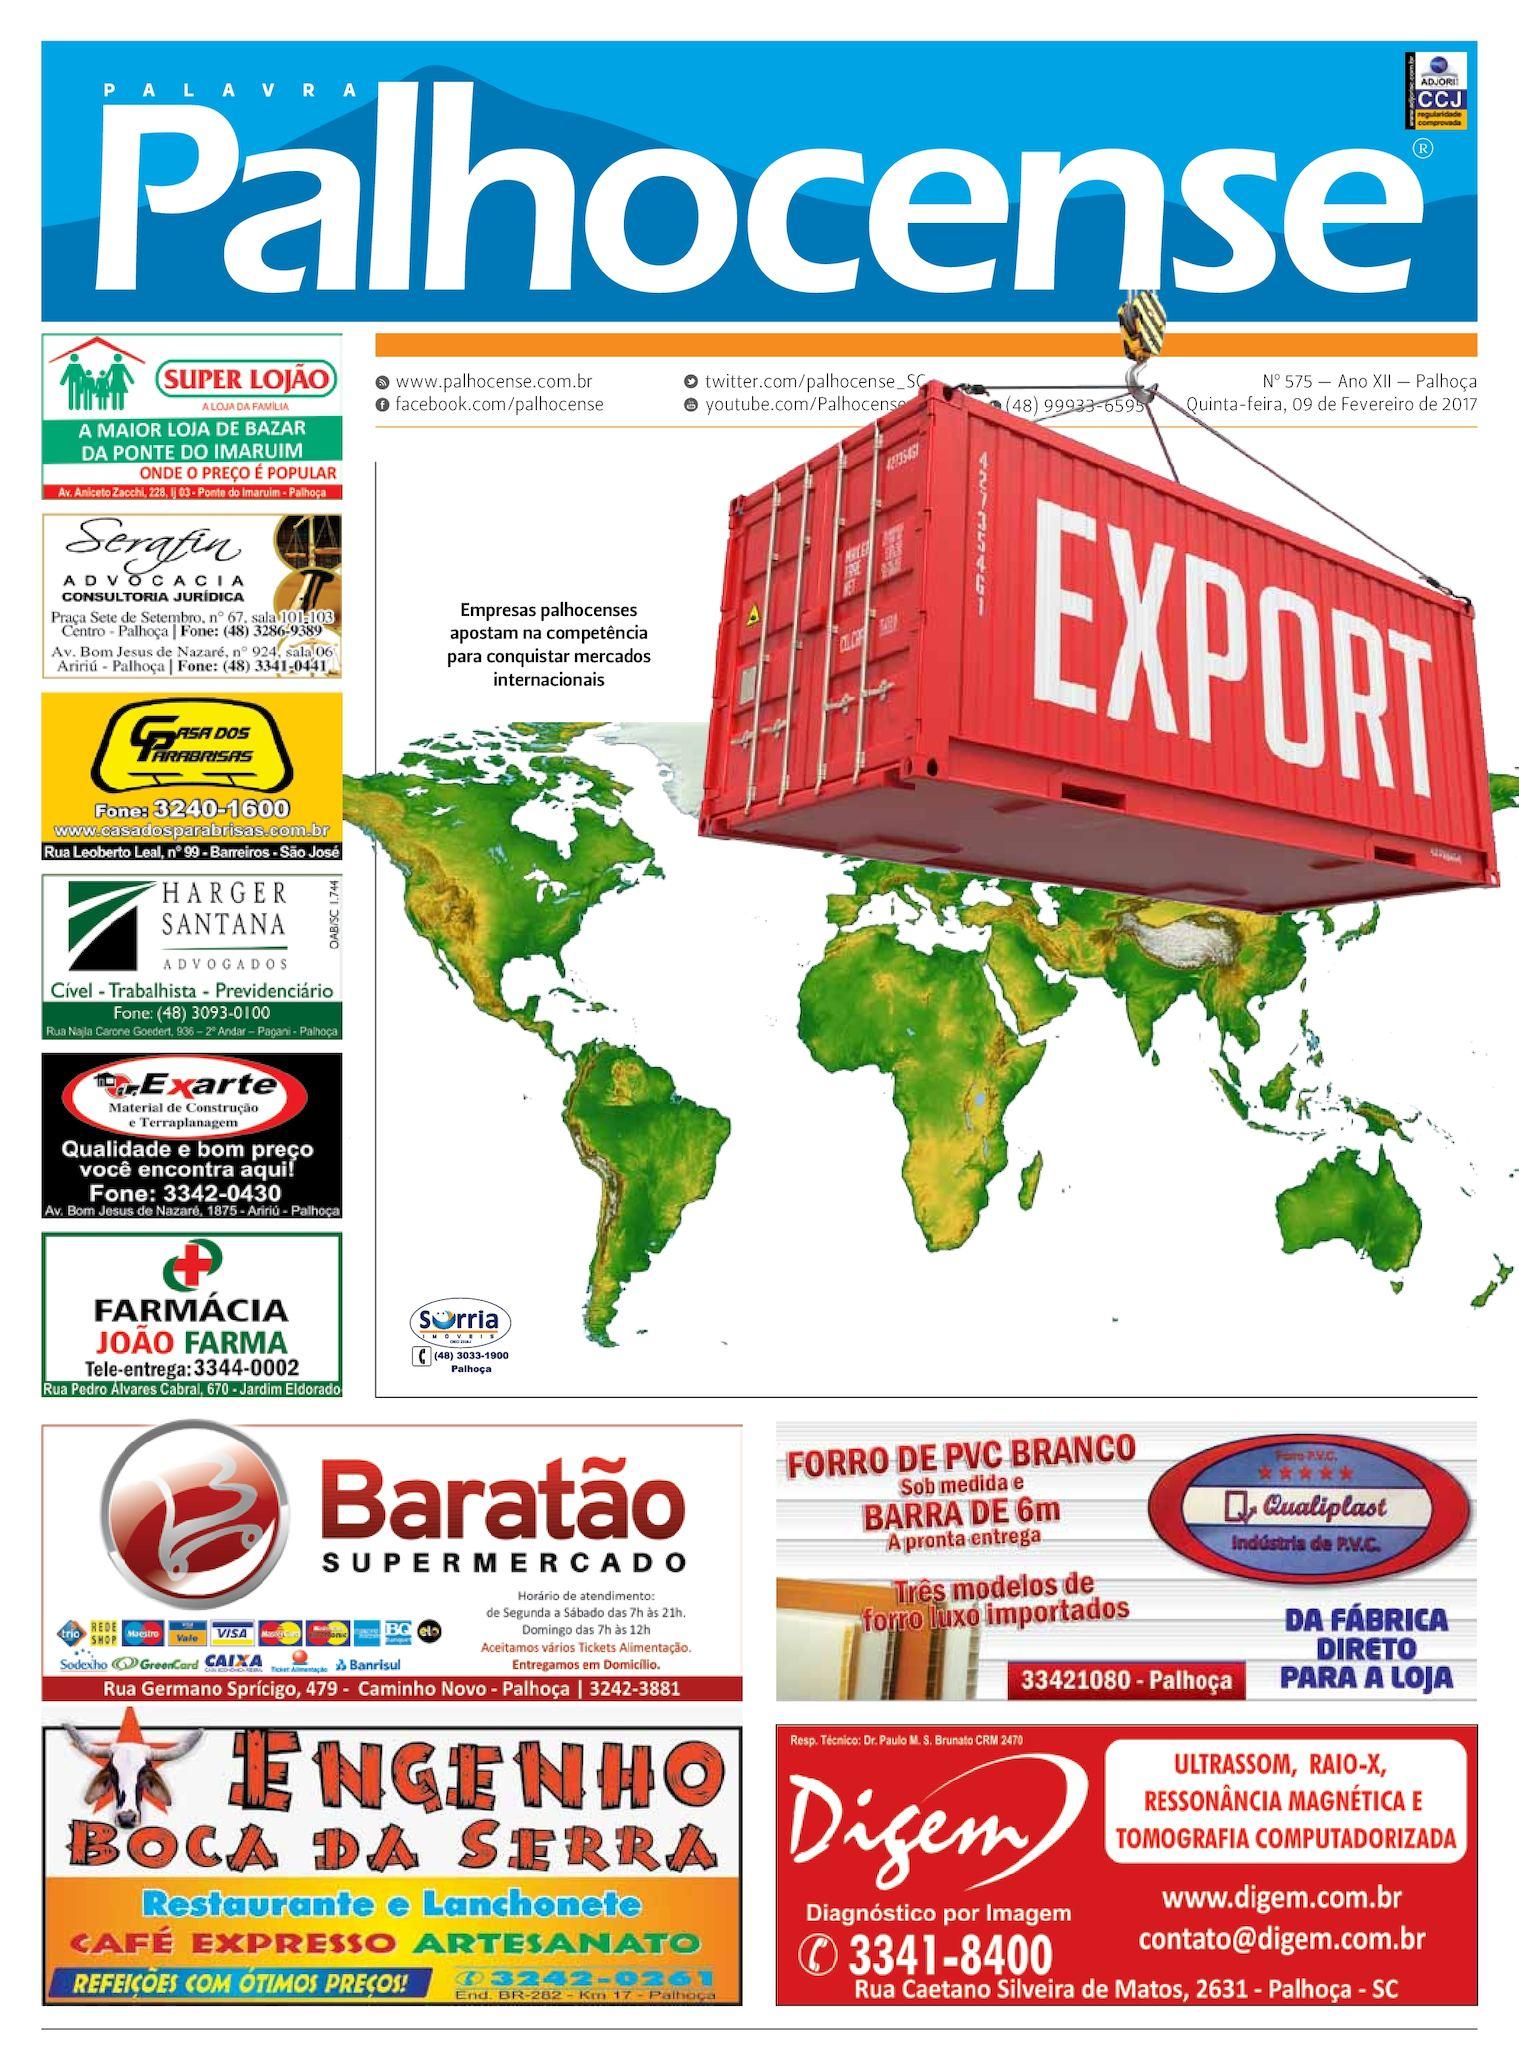 9746673169fe9 Calaméo - Jornal Palavra Palhocense - Edição 575